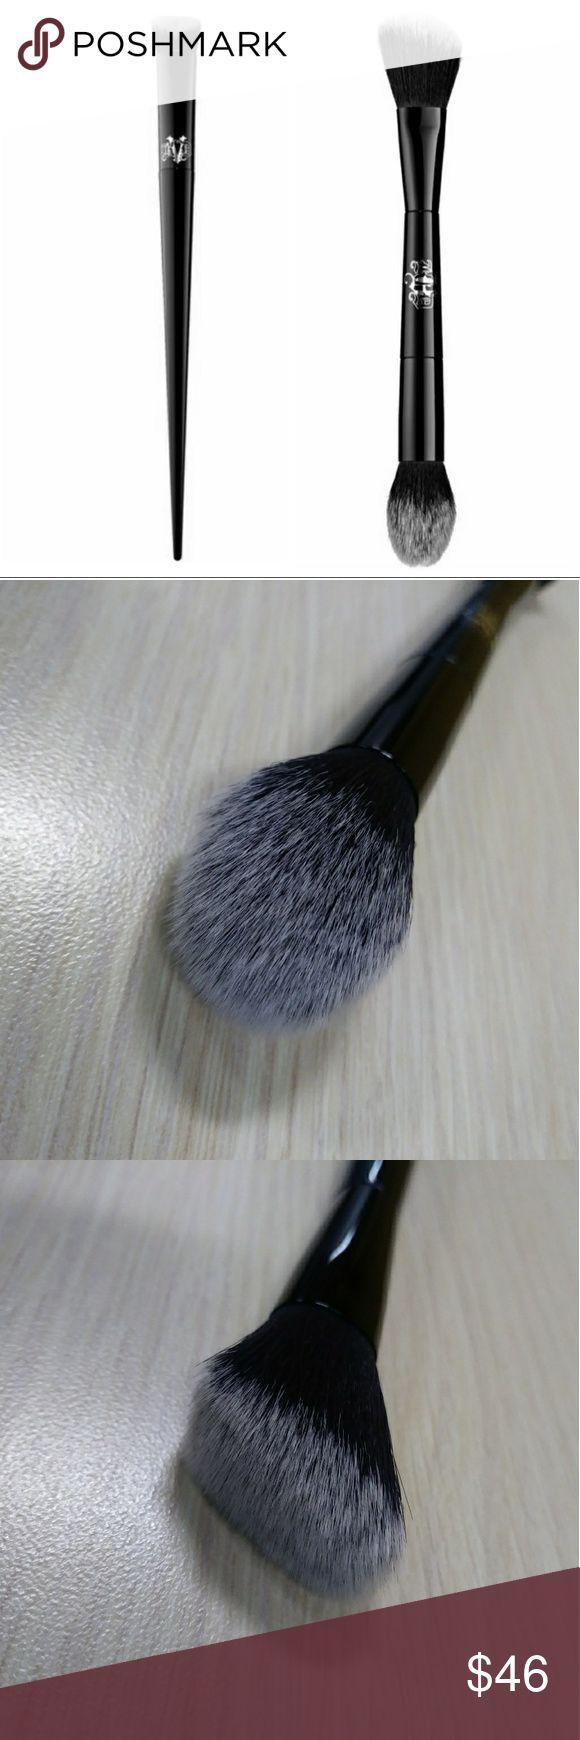 KAT VON D Bundle KAT VON D Lock-It Edge Concealer Brush #40 + Kat Von D Shade + Light Face Contour Brush  Concealer brush = $24 + Contour brush = $34 = $58  My price = $46! :) Kat Von D Makeup Brushes & Tools